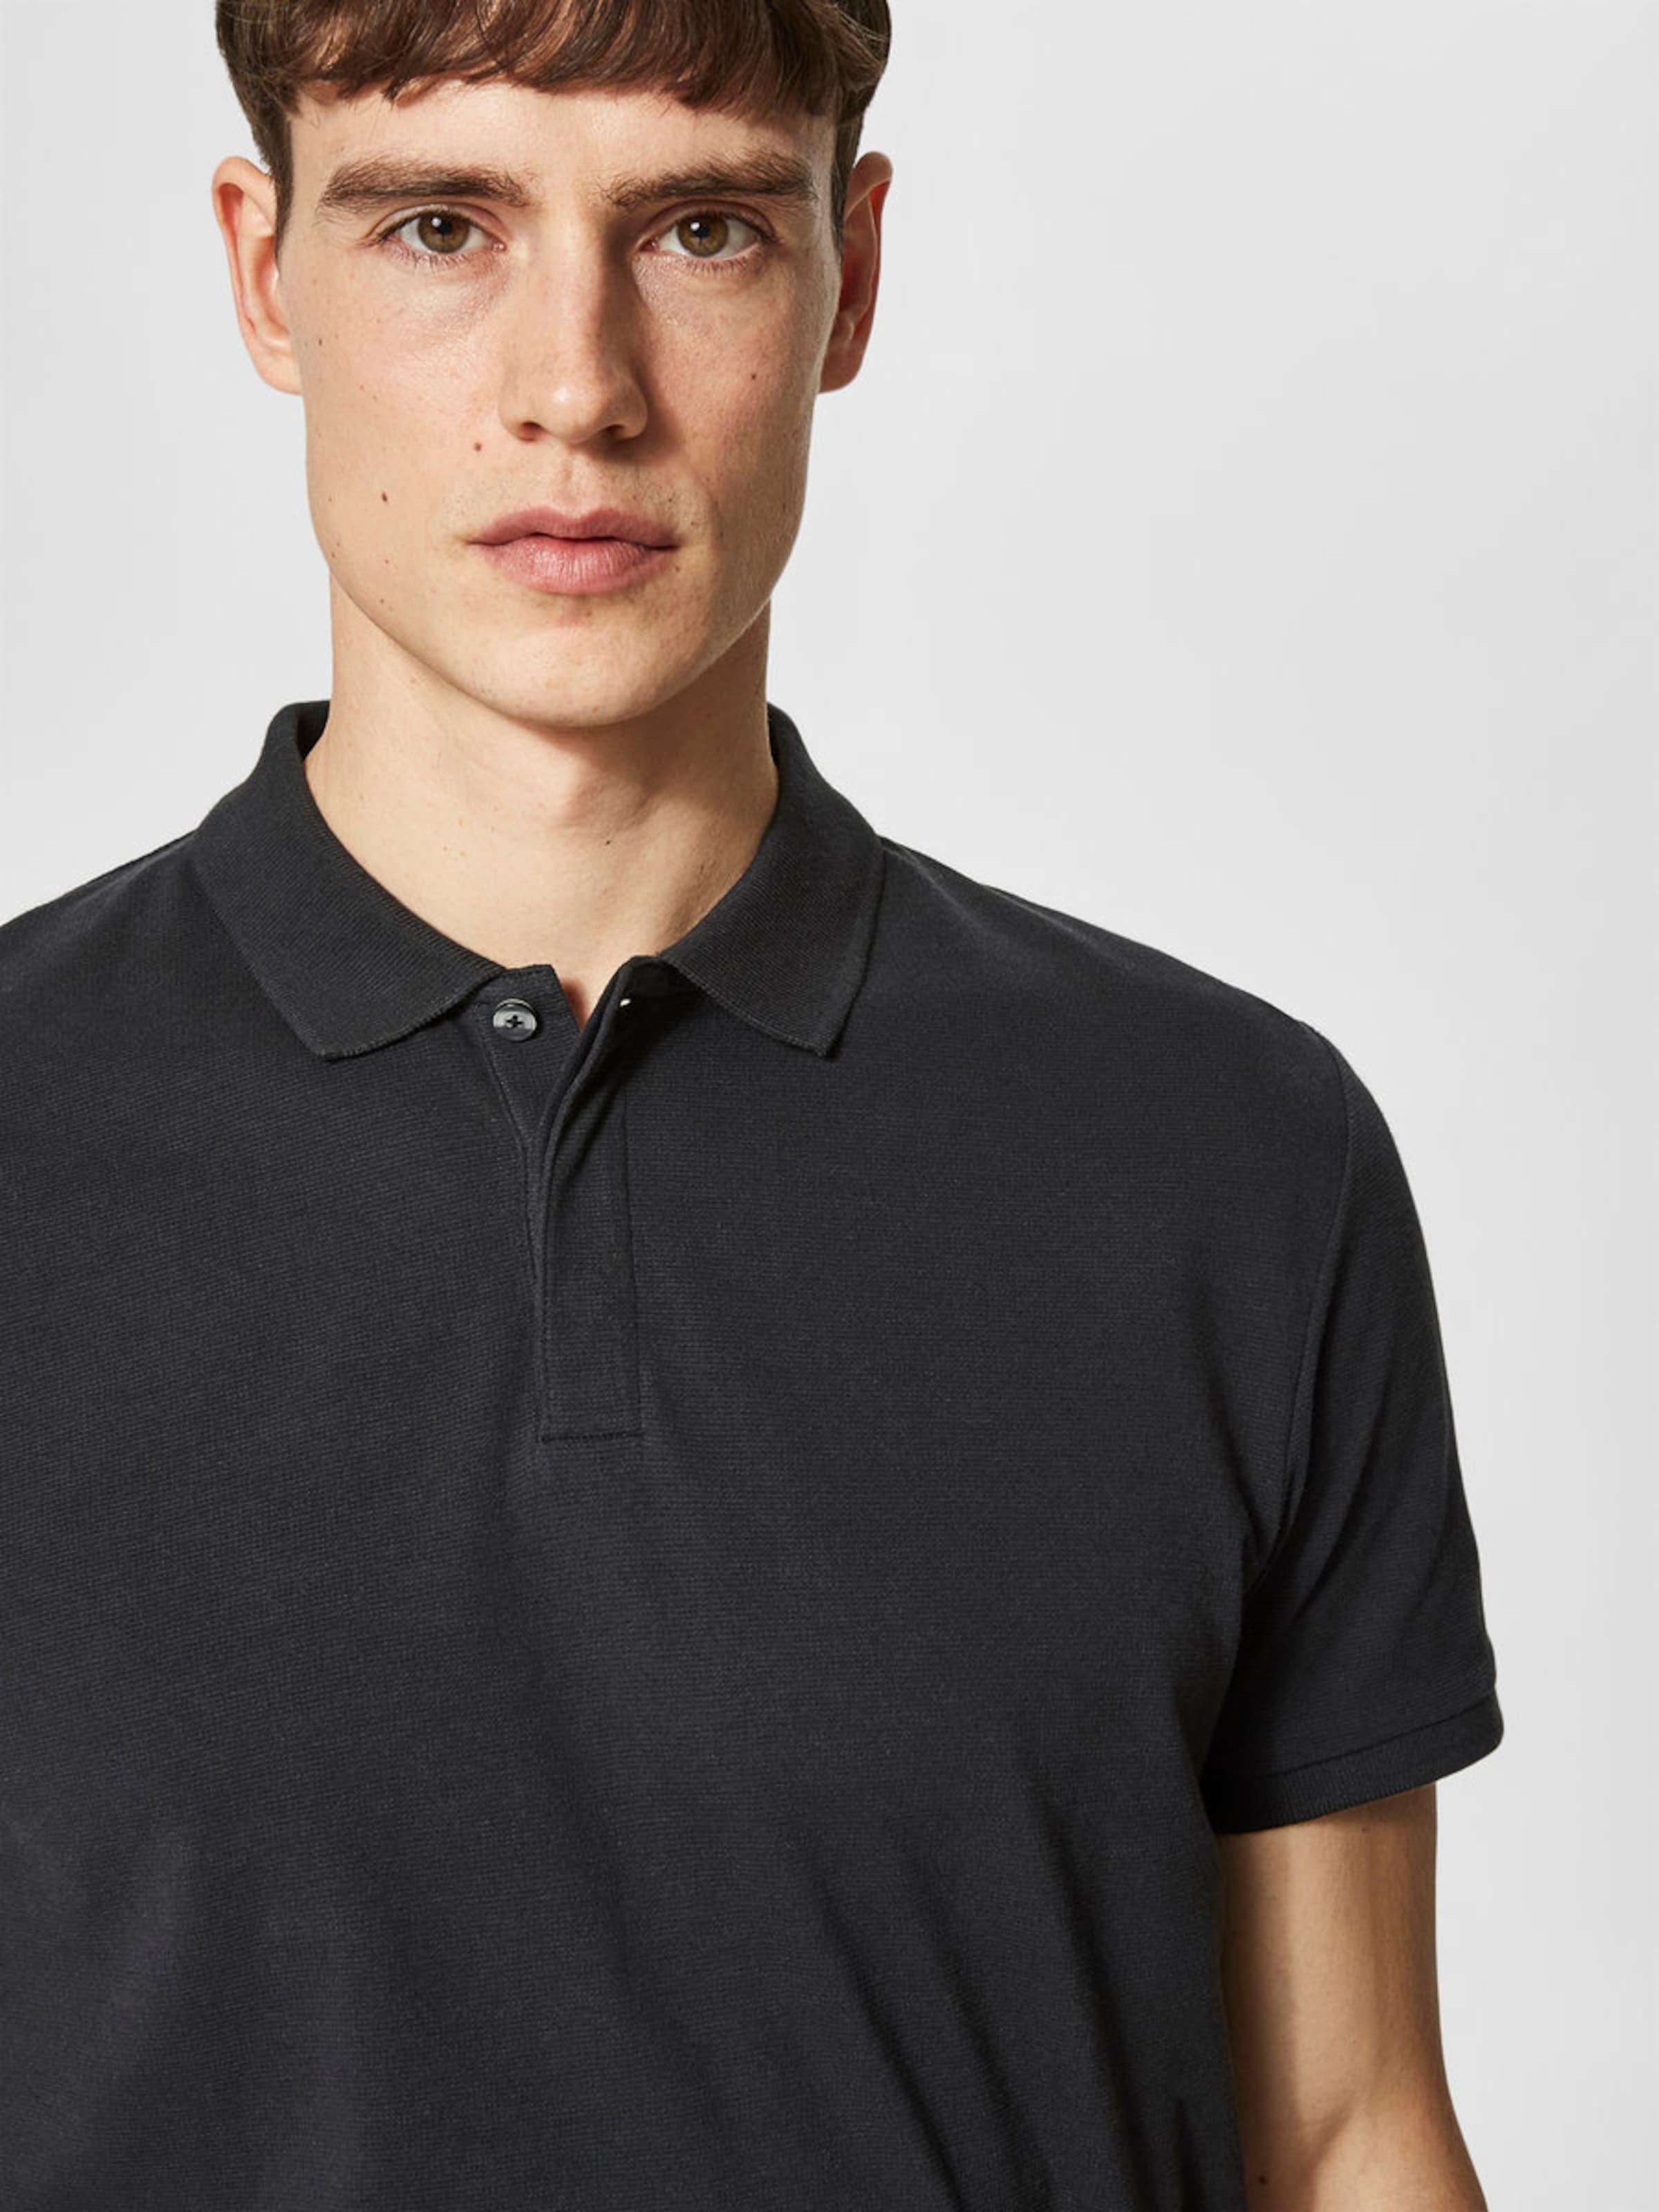 SELECTED HOMME Klassisches Poloshirt Günstig Kaufen Empfehlen Freies Verschiffen Erkunden Günstig Kaufen Geniue Händler CpuLpE6